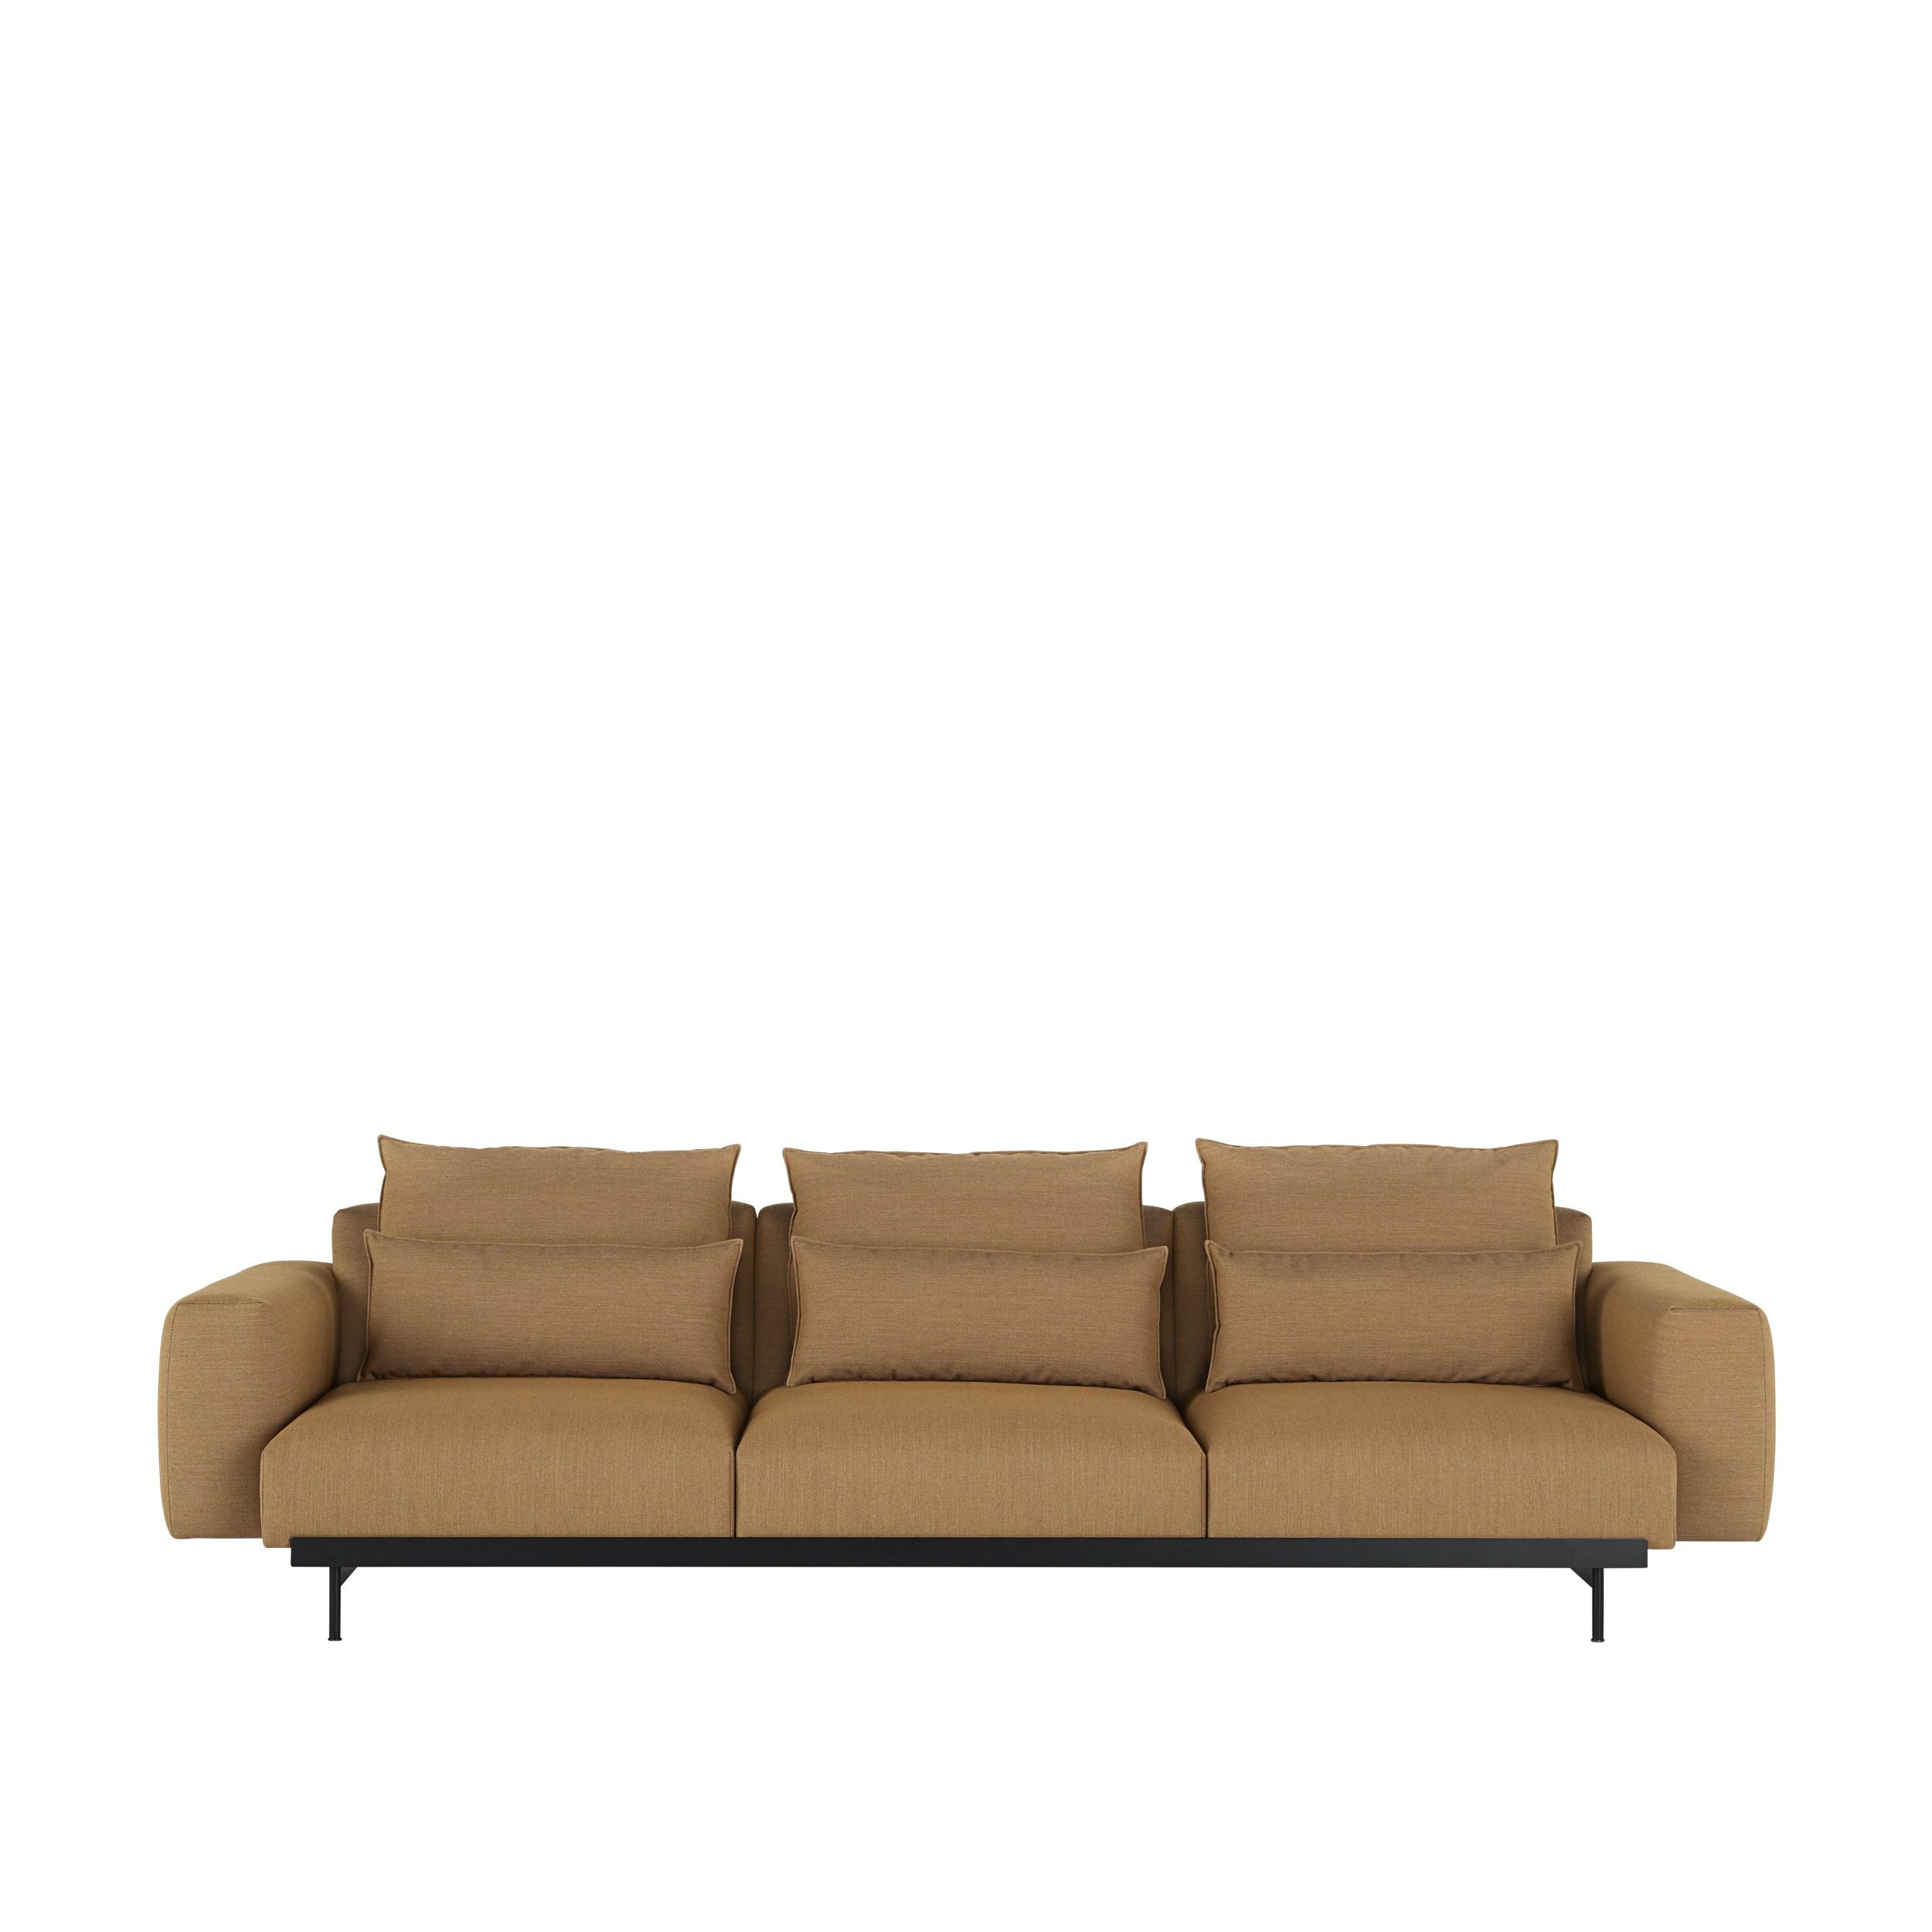 IN SitU Modular Sofa 3 seater-No 1